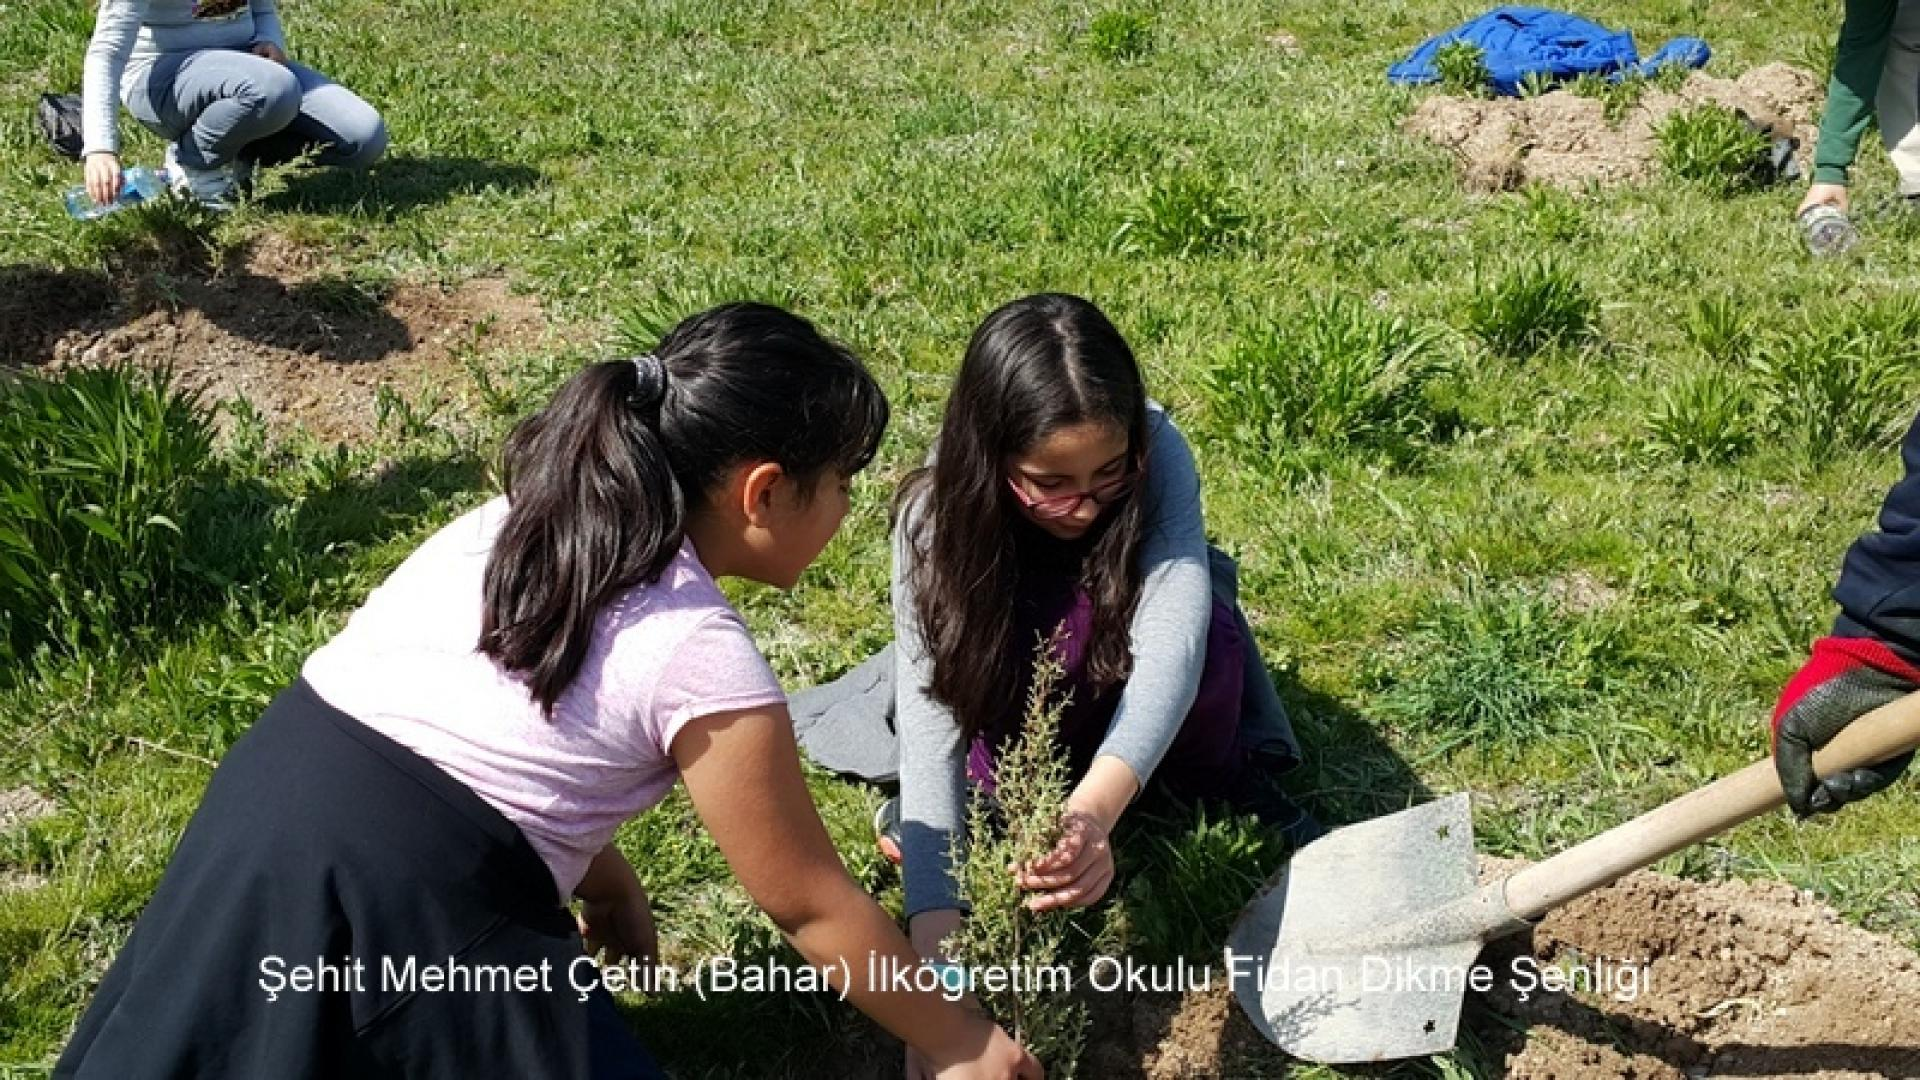 Şehit Mehmet Çetin İlkokulu Ağaç Dikme Şenliği 1523000125 587